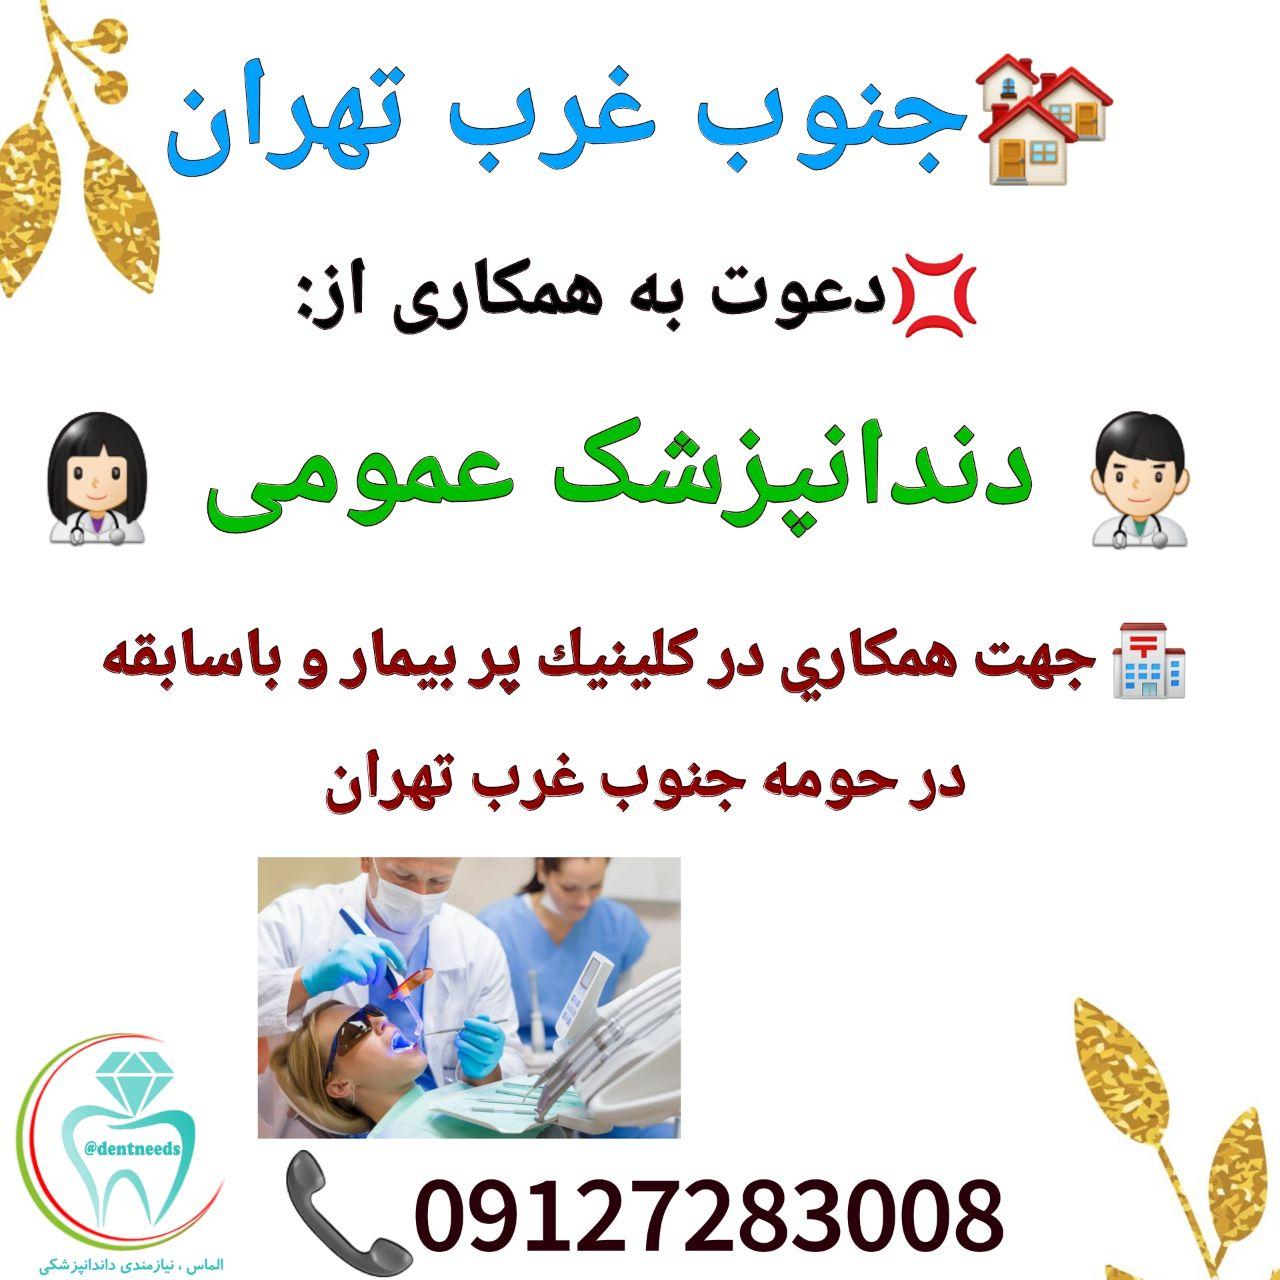 جنوب غرب تهران: نیاز به دندانپزشک عمومی